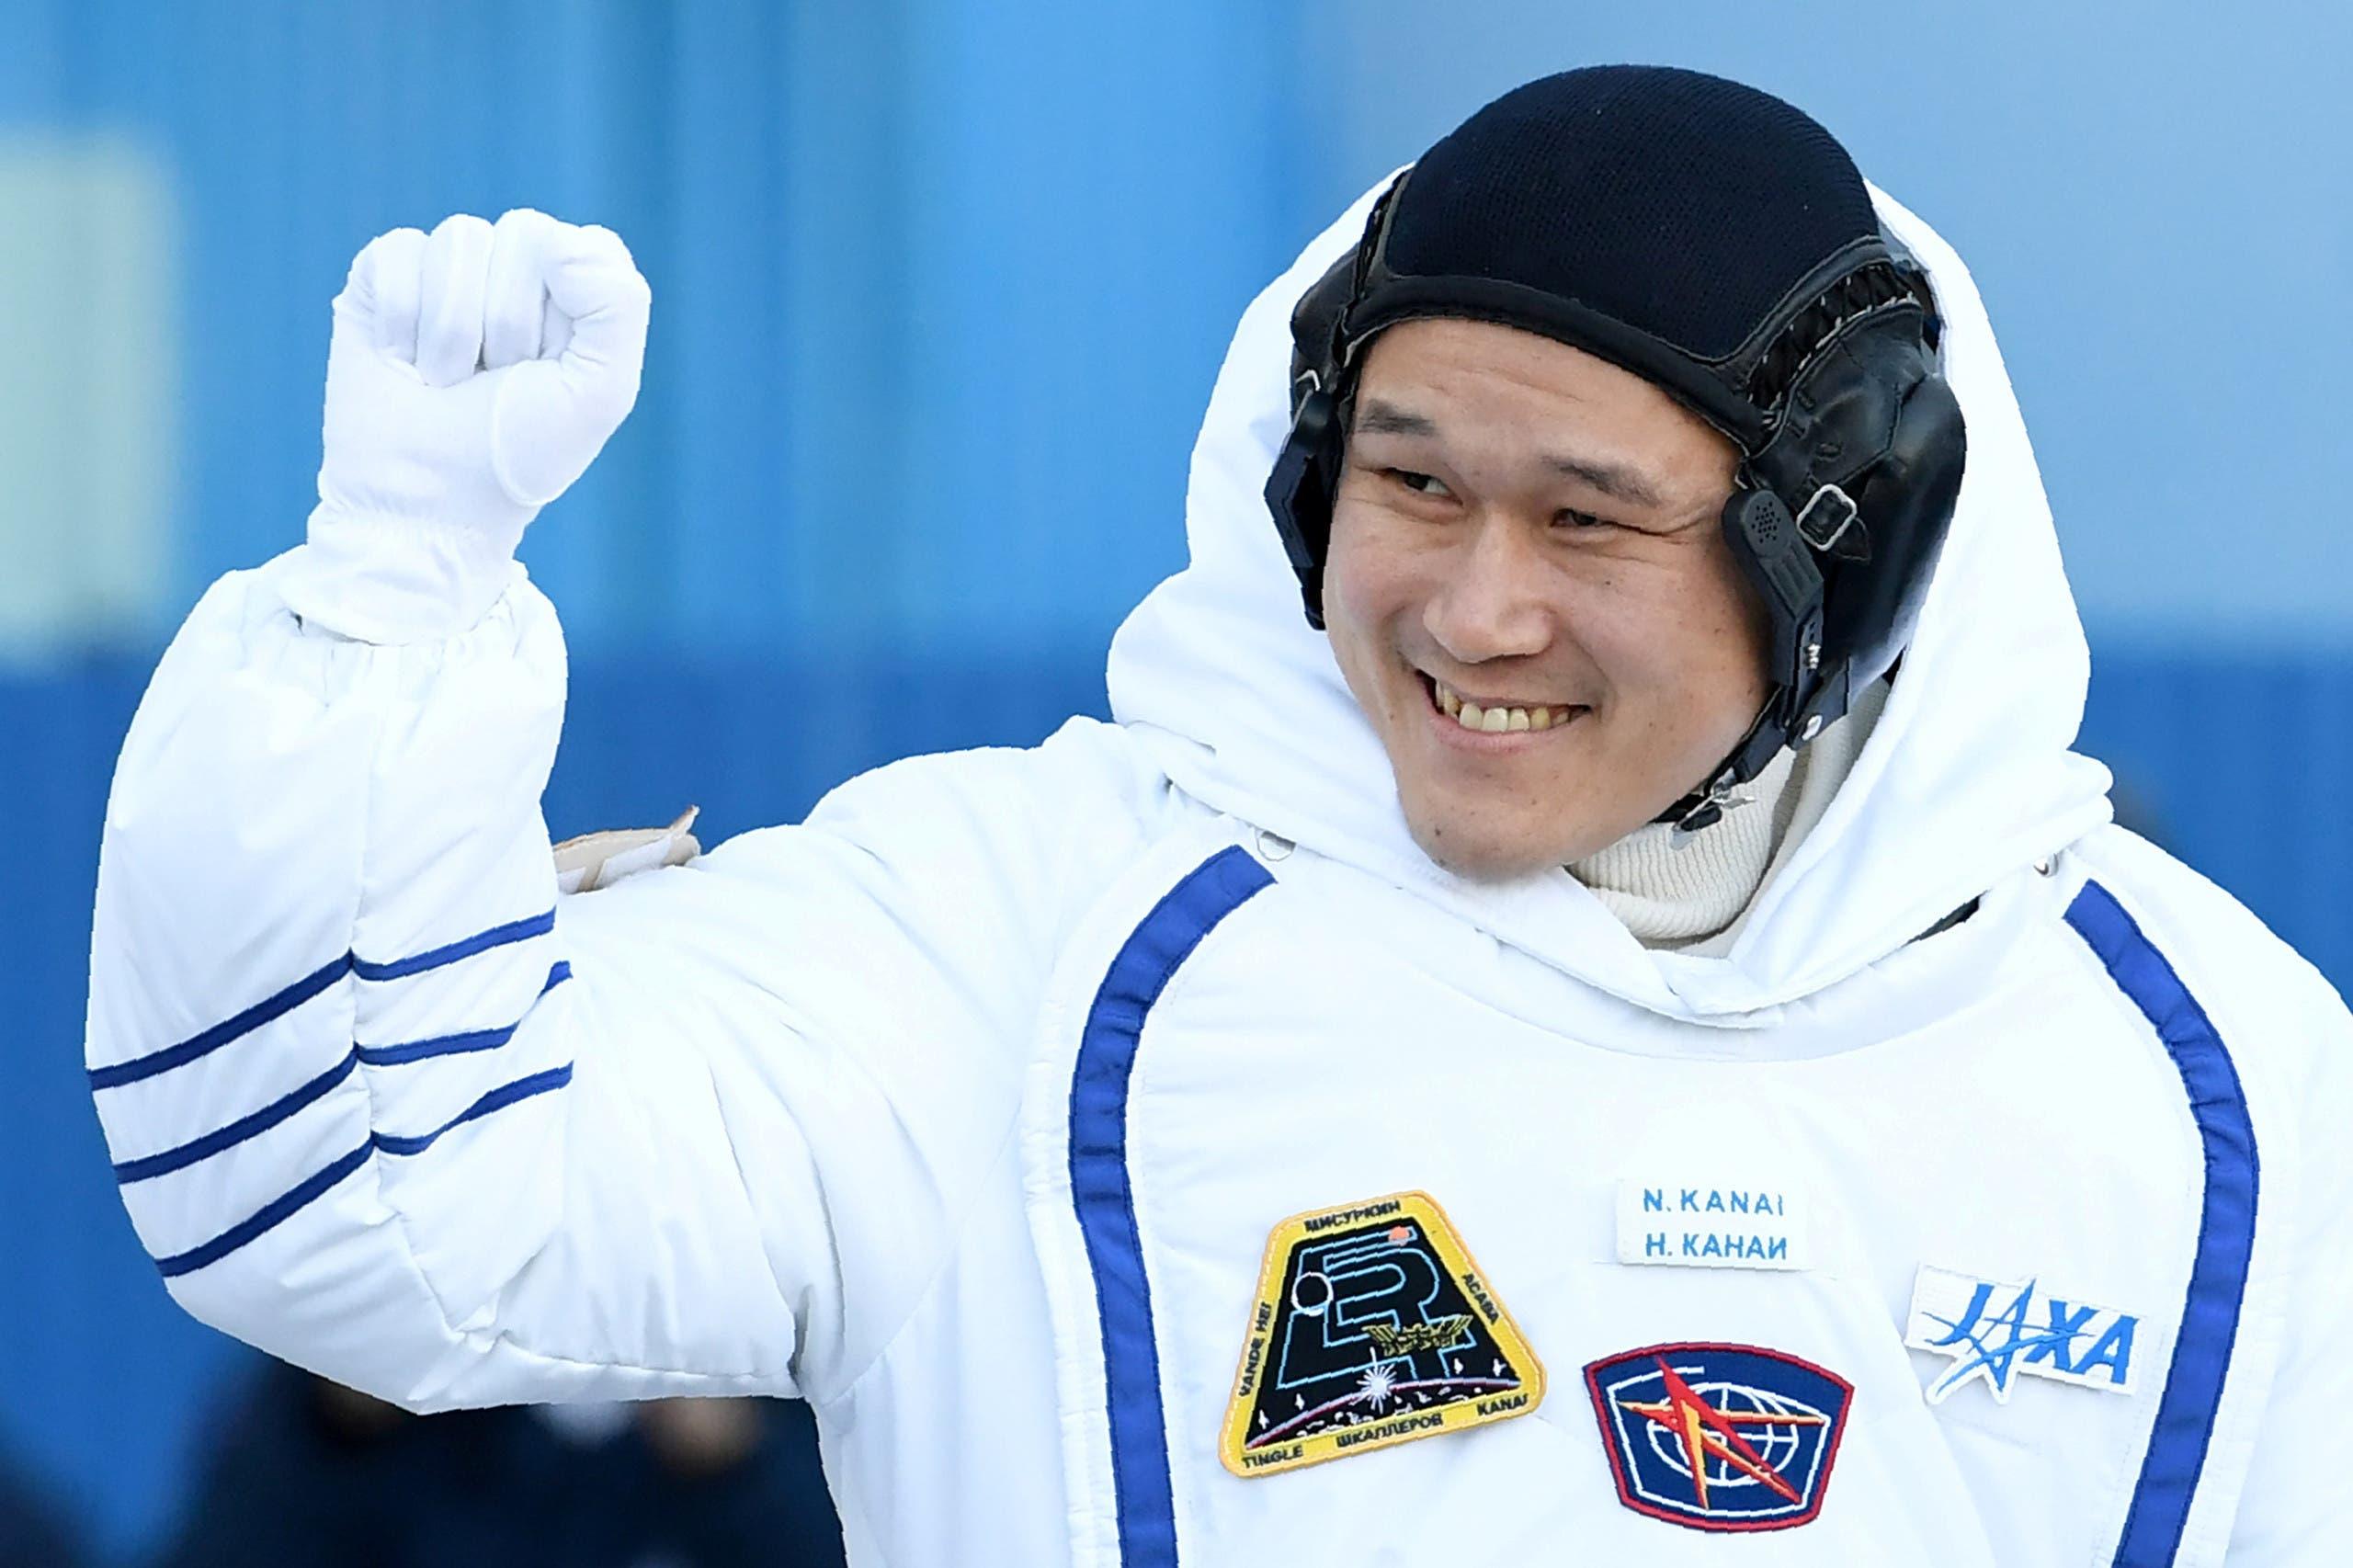 الرائد الياباني قبل انطلاقه للمحطة الدولية